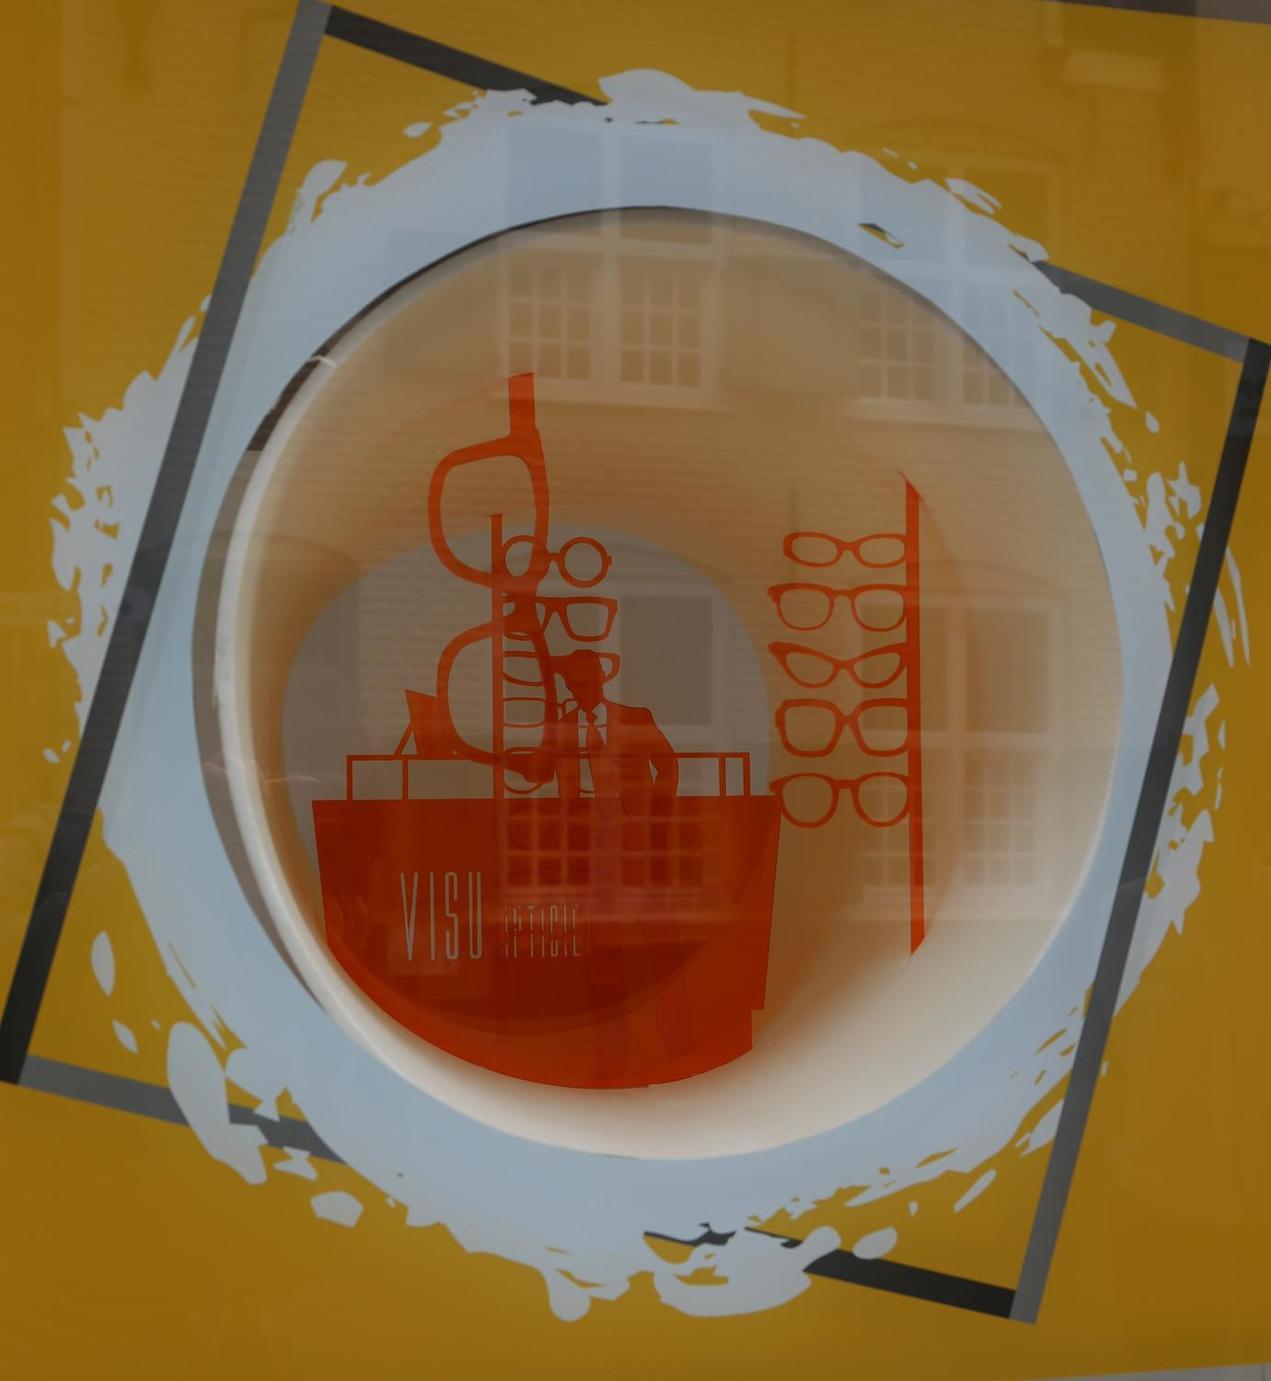 In een van de kijkbuizen zie je wat er mogelijk is in het pand: een opticien bijvoorbeeld.